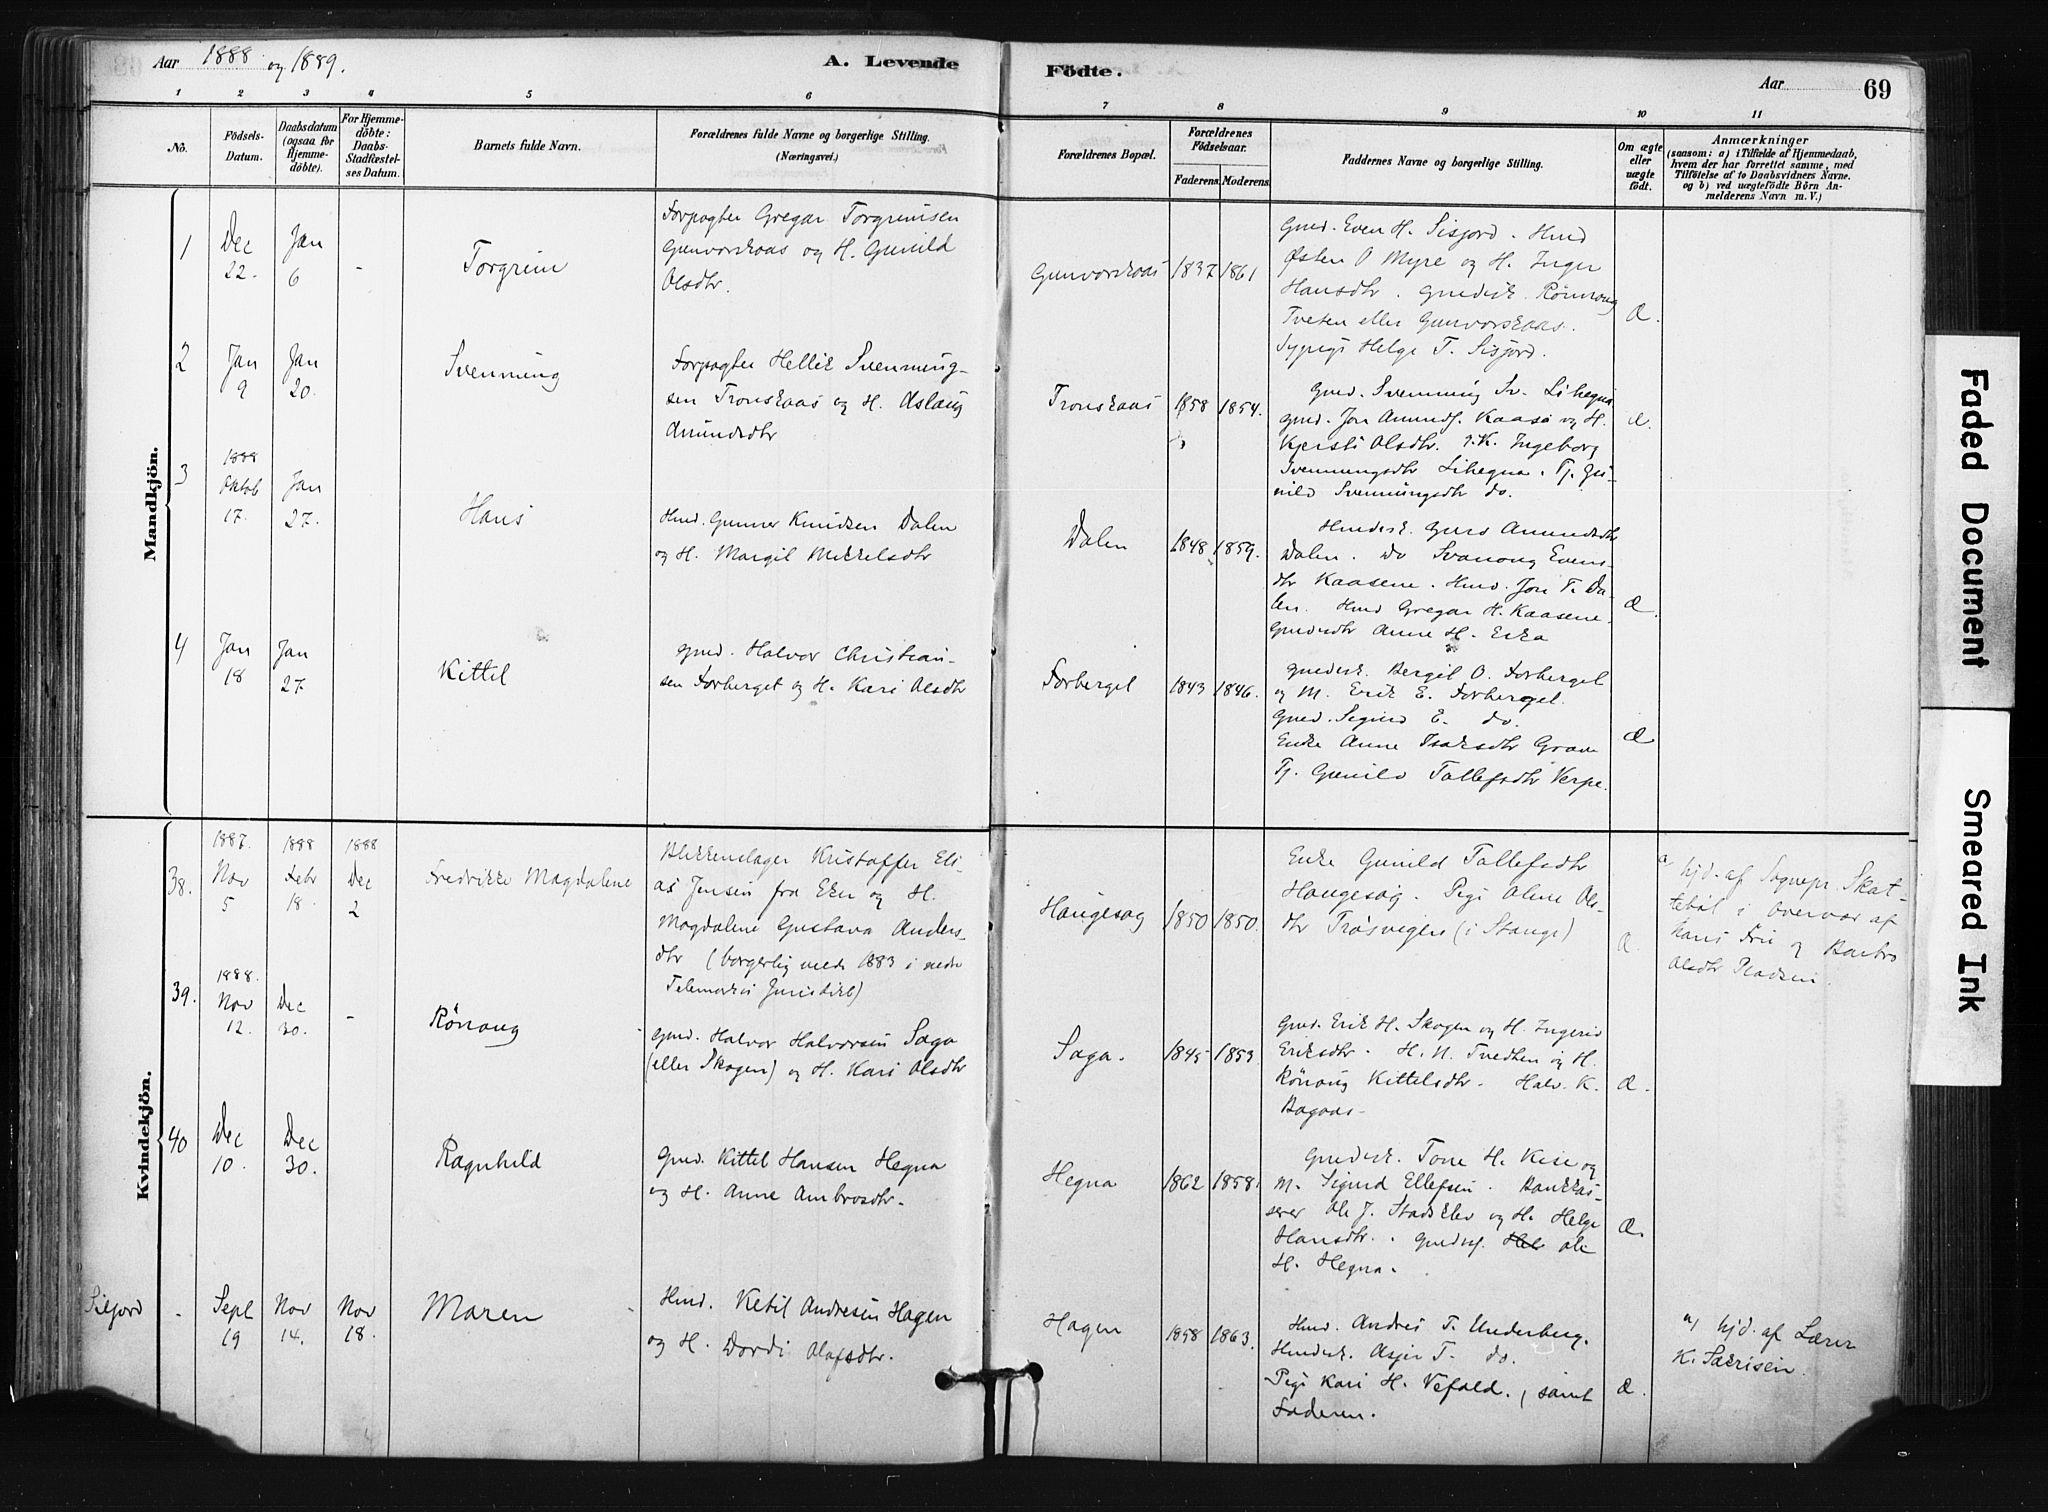 SAKO, Bø kirkebøker, F/Fa/L0010: Ministerialbok nr. 10, 1880-1892, s. 69